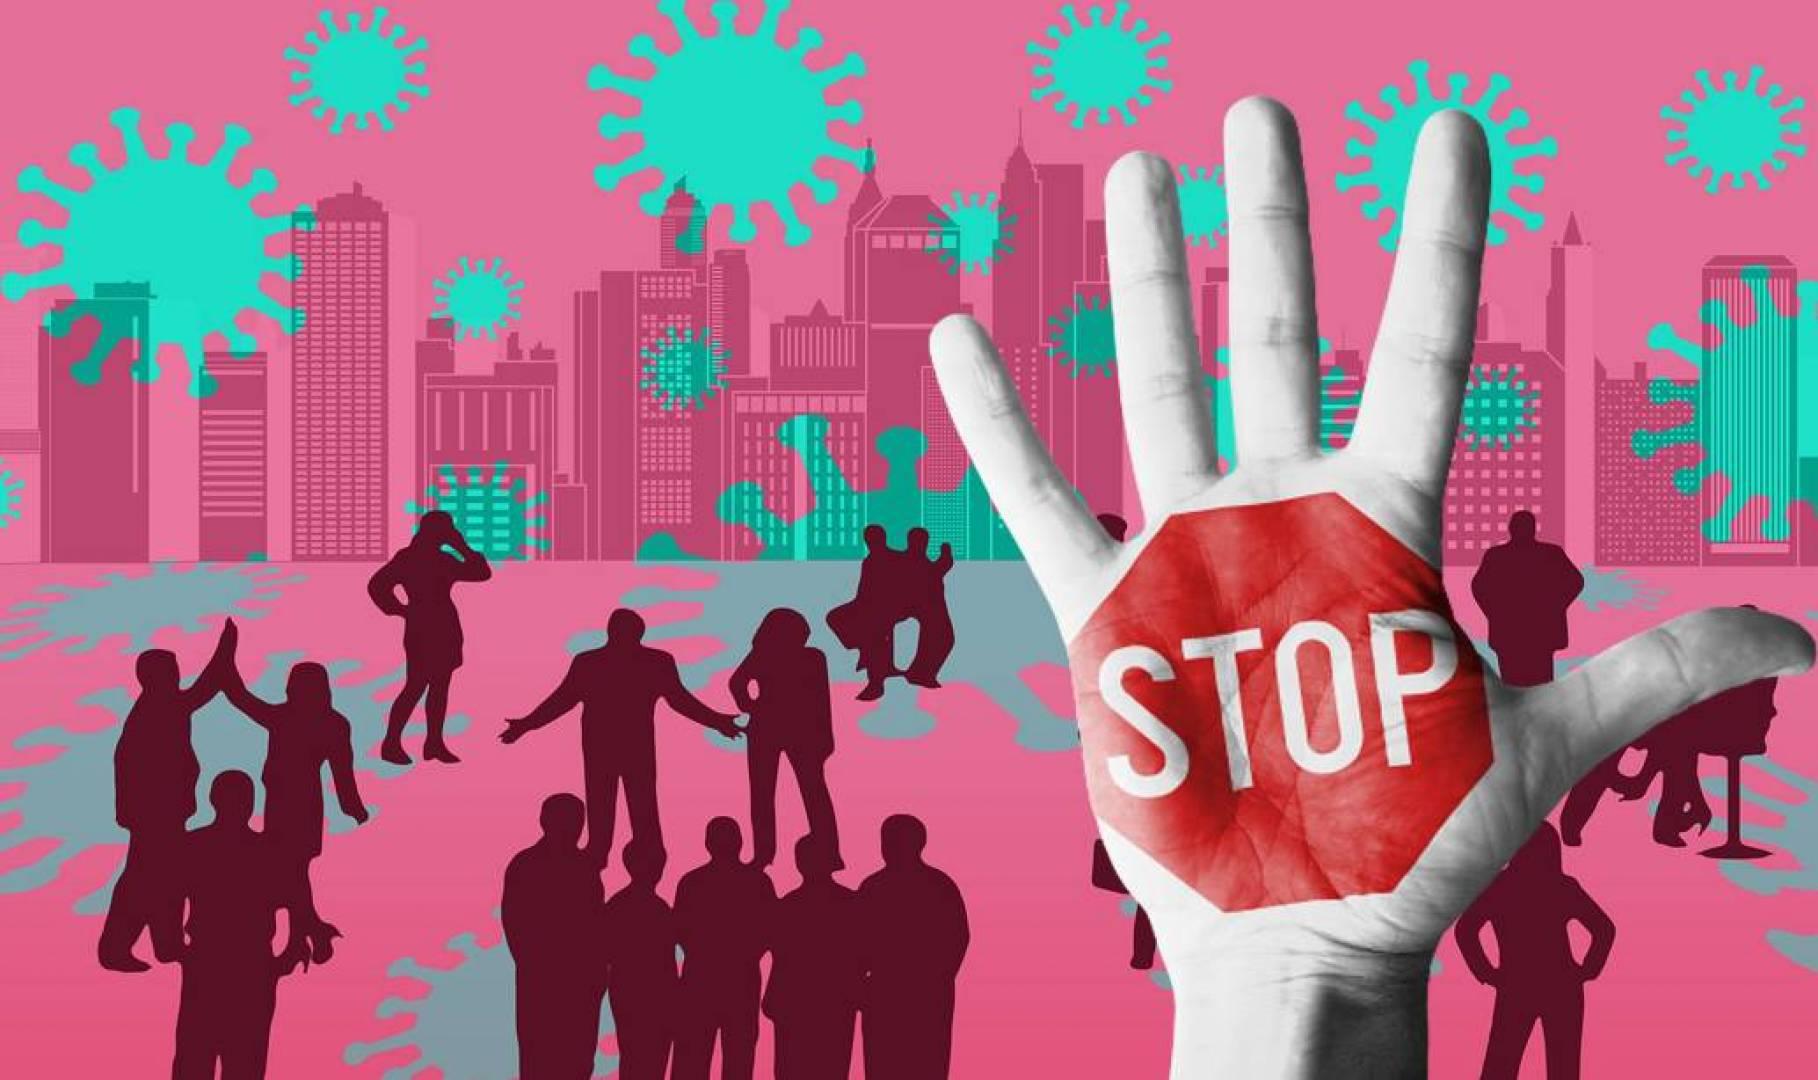 دراسة جديدة: مناعة القطيع ضد «كورونا».. أمر غير قابل للتحقيق